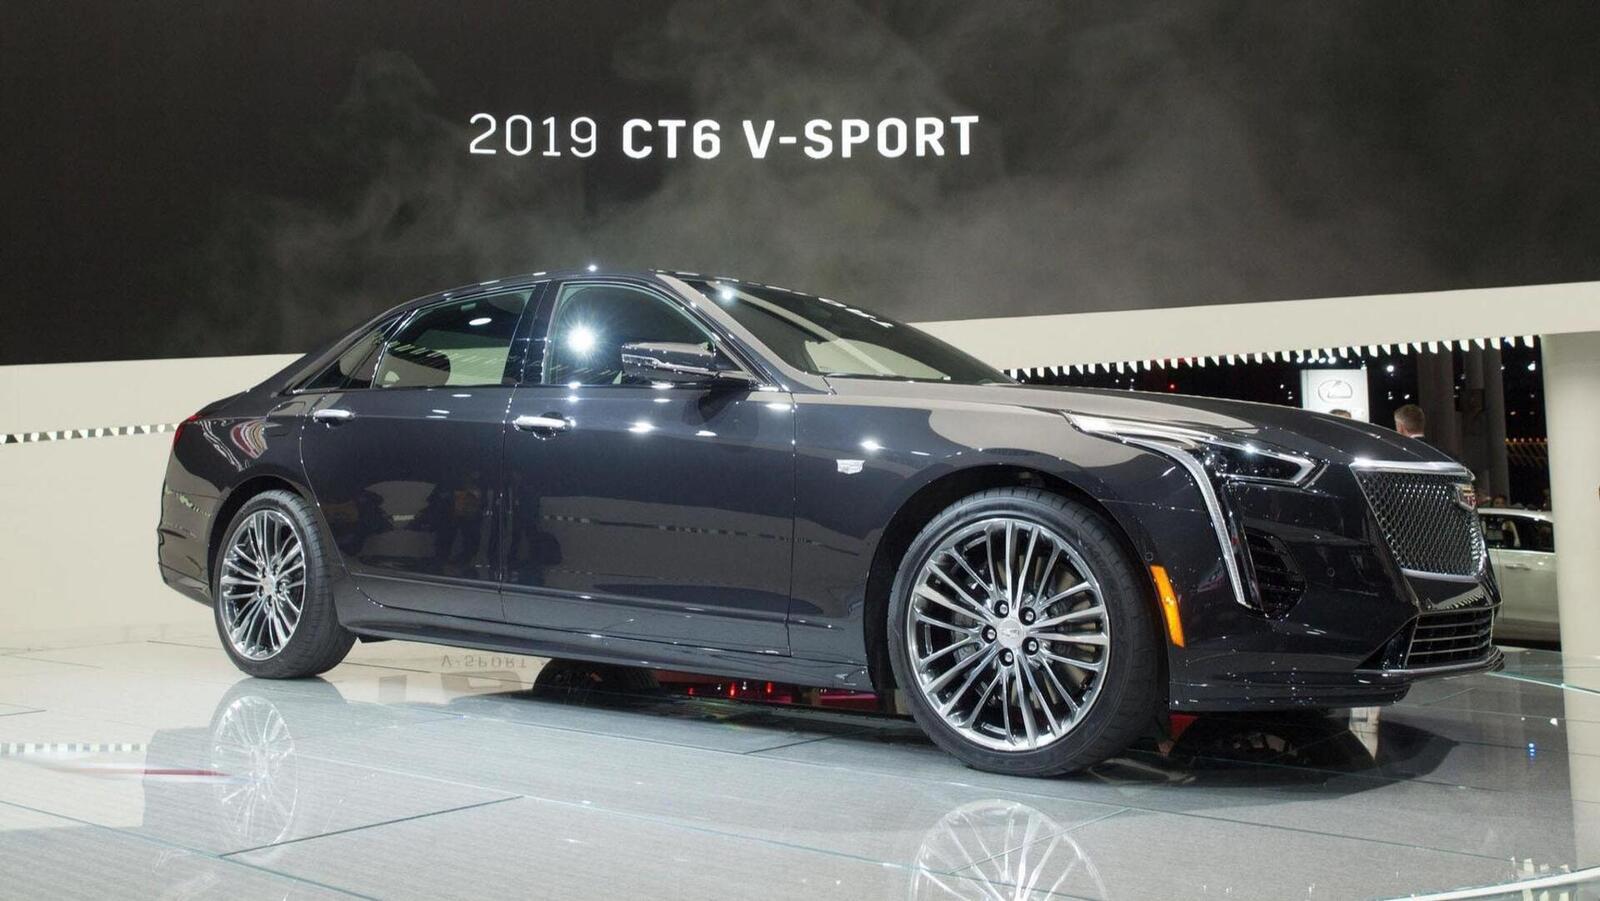 Cadillac mang CT6 V-Sport 2019 đến triển lãm ô tô New York 2018 - Hình 1